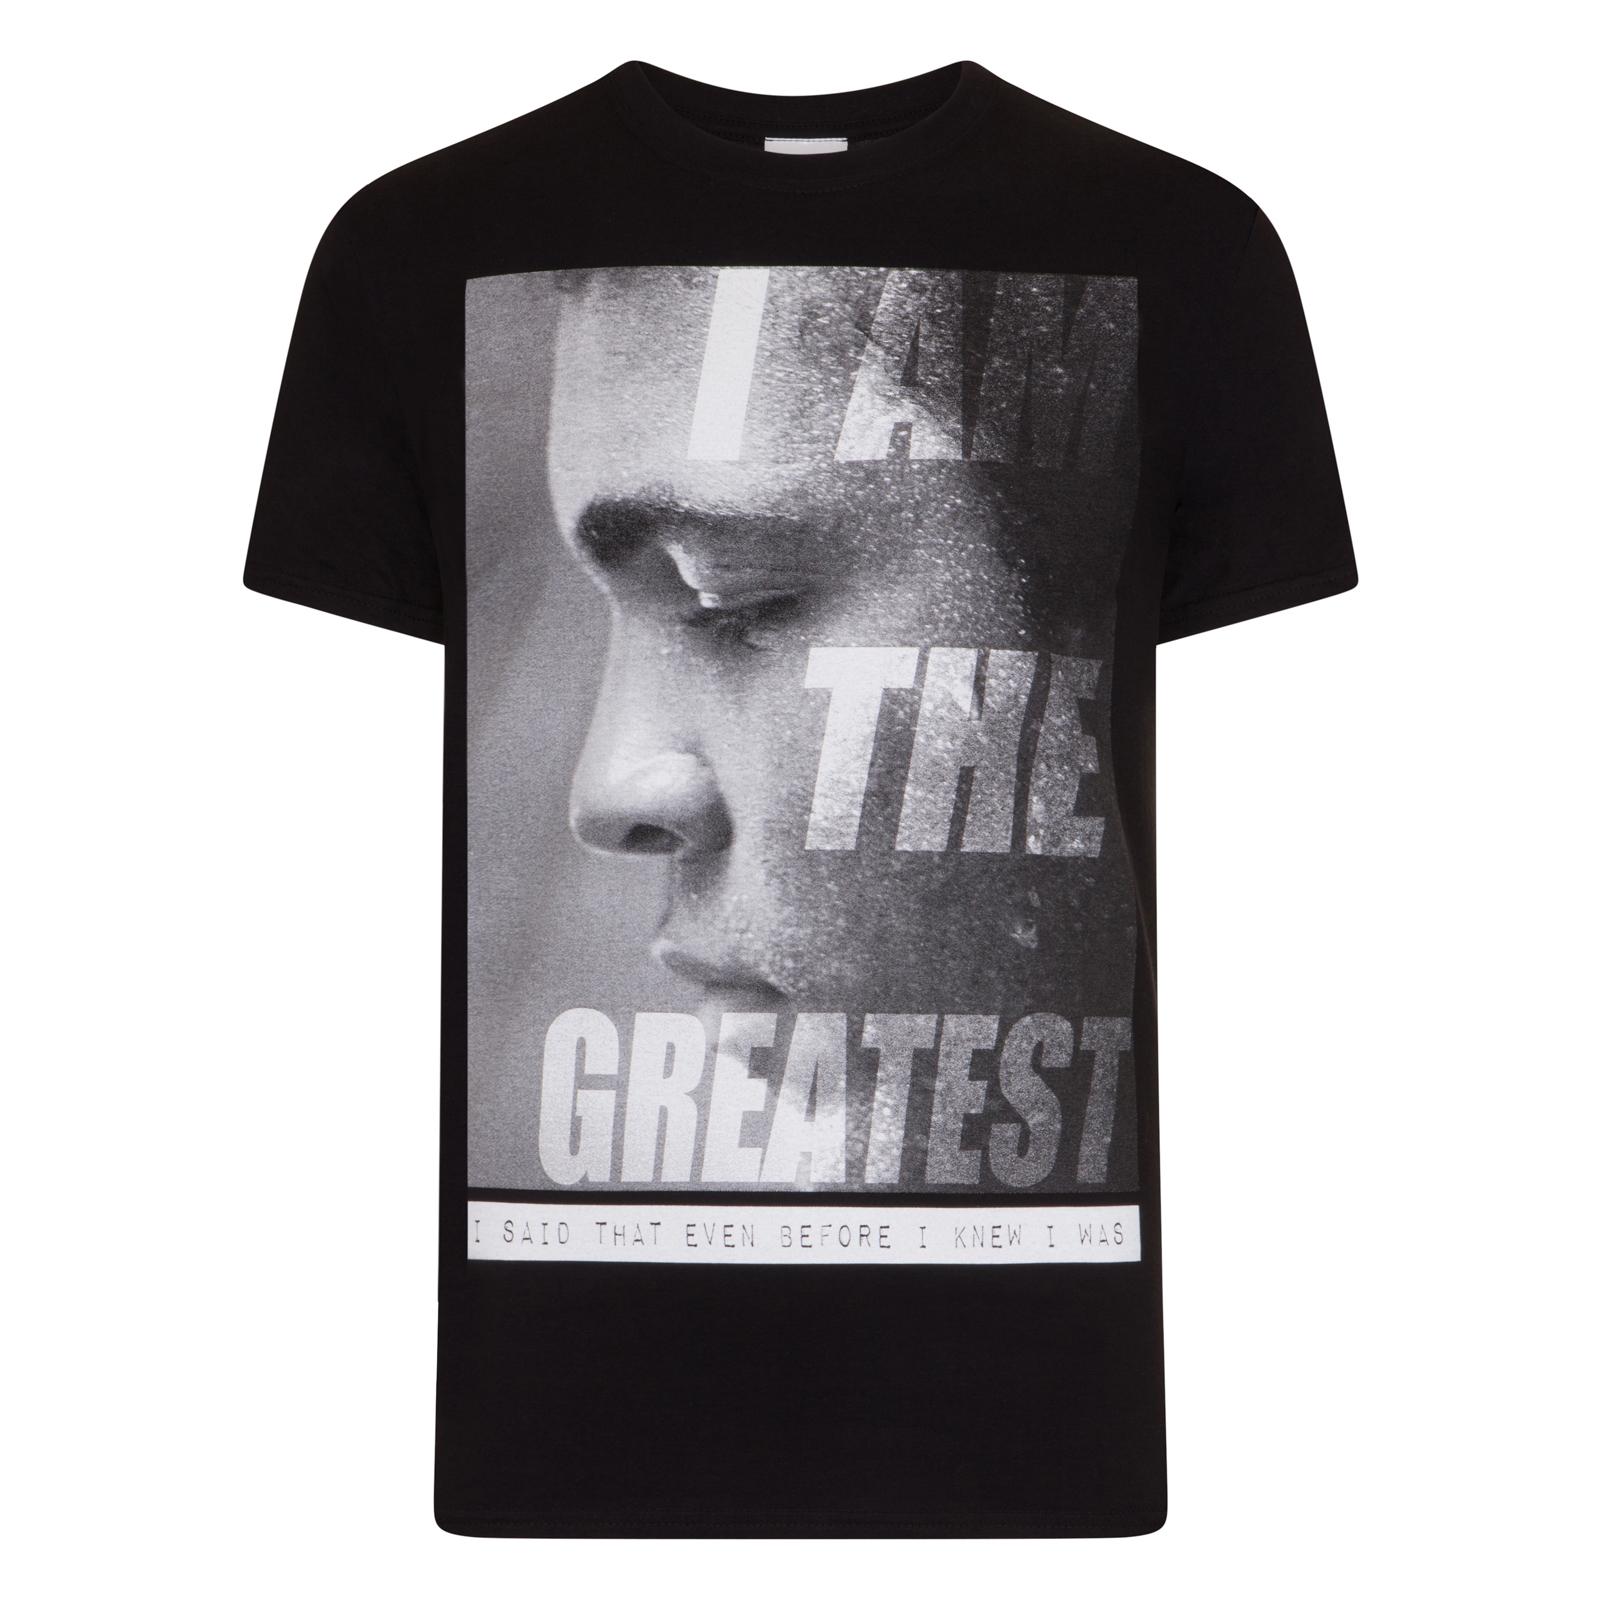 Muhammad Ali t-shirt legendary boxer black tee boxing champ fighter Muhammed